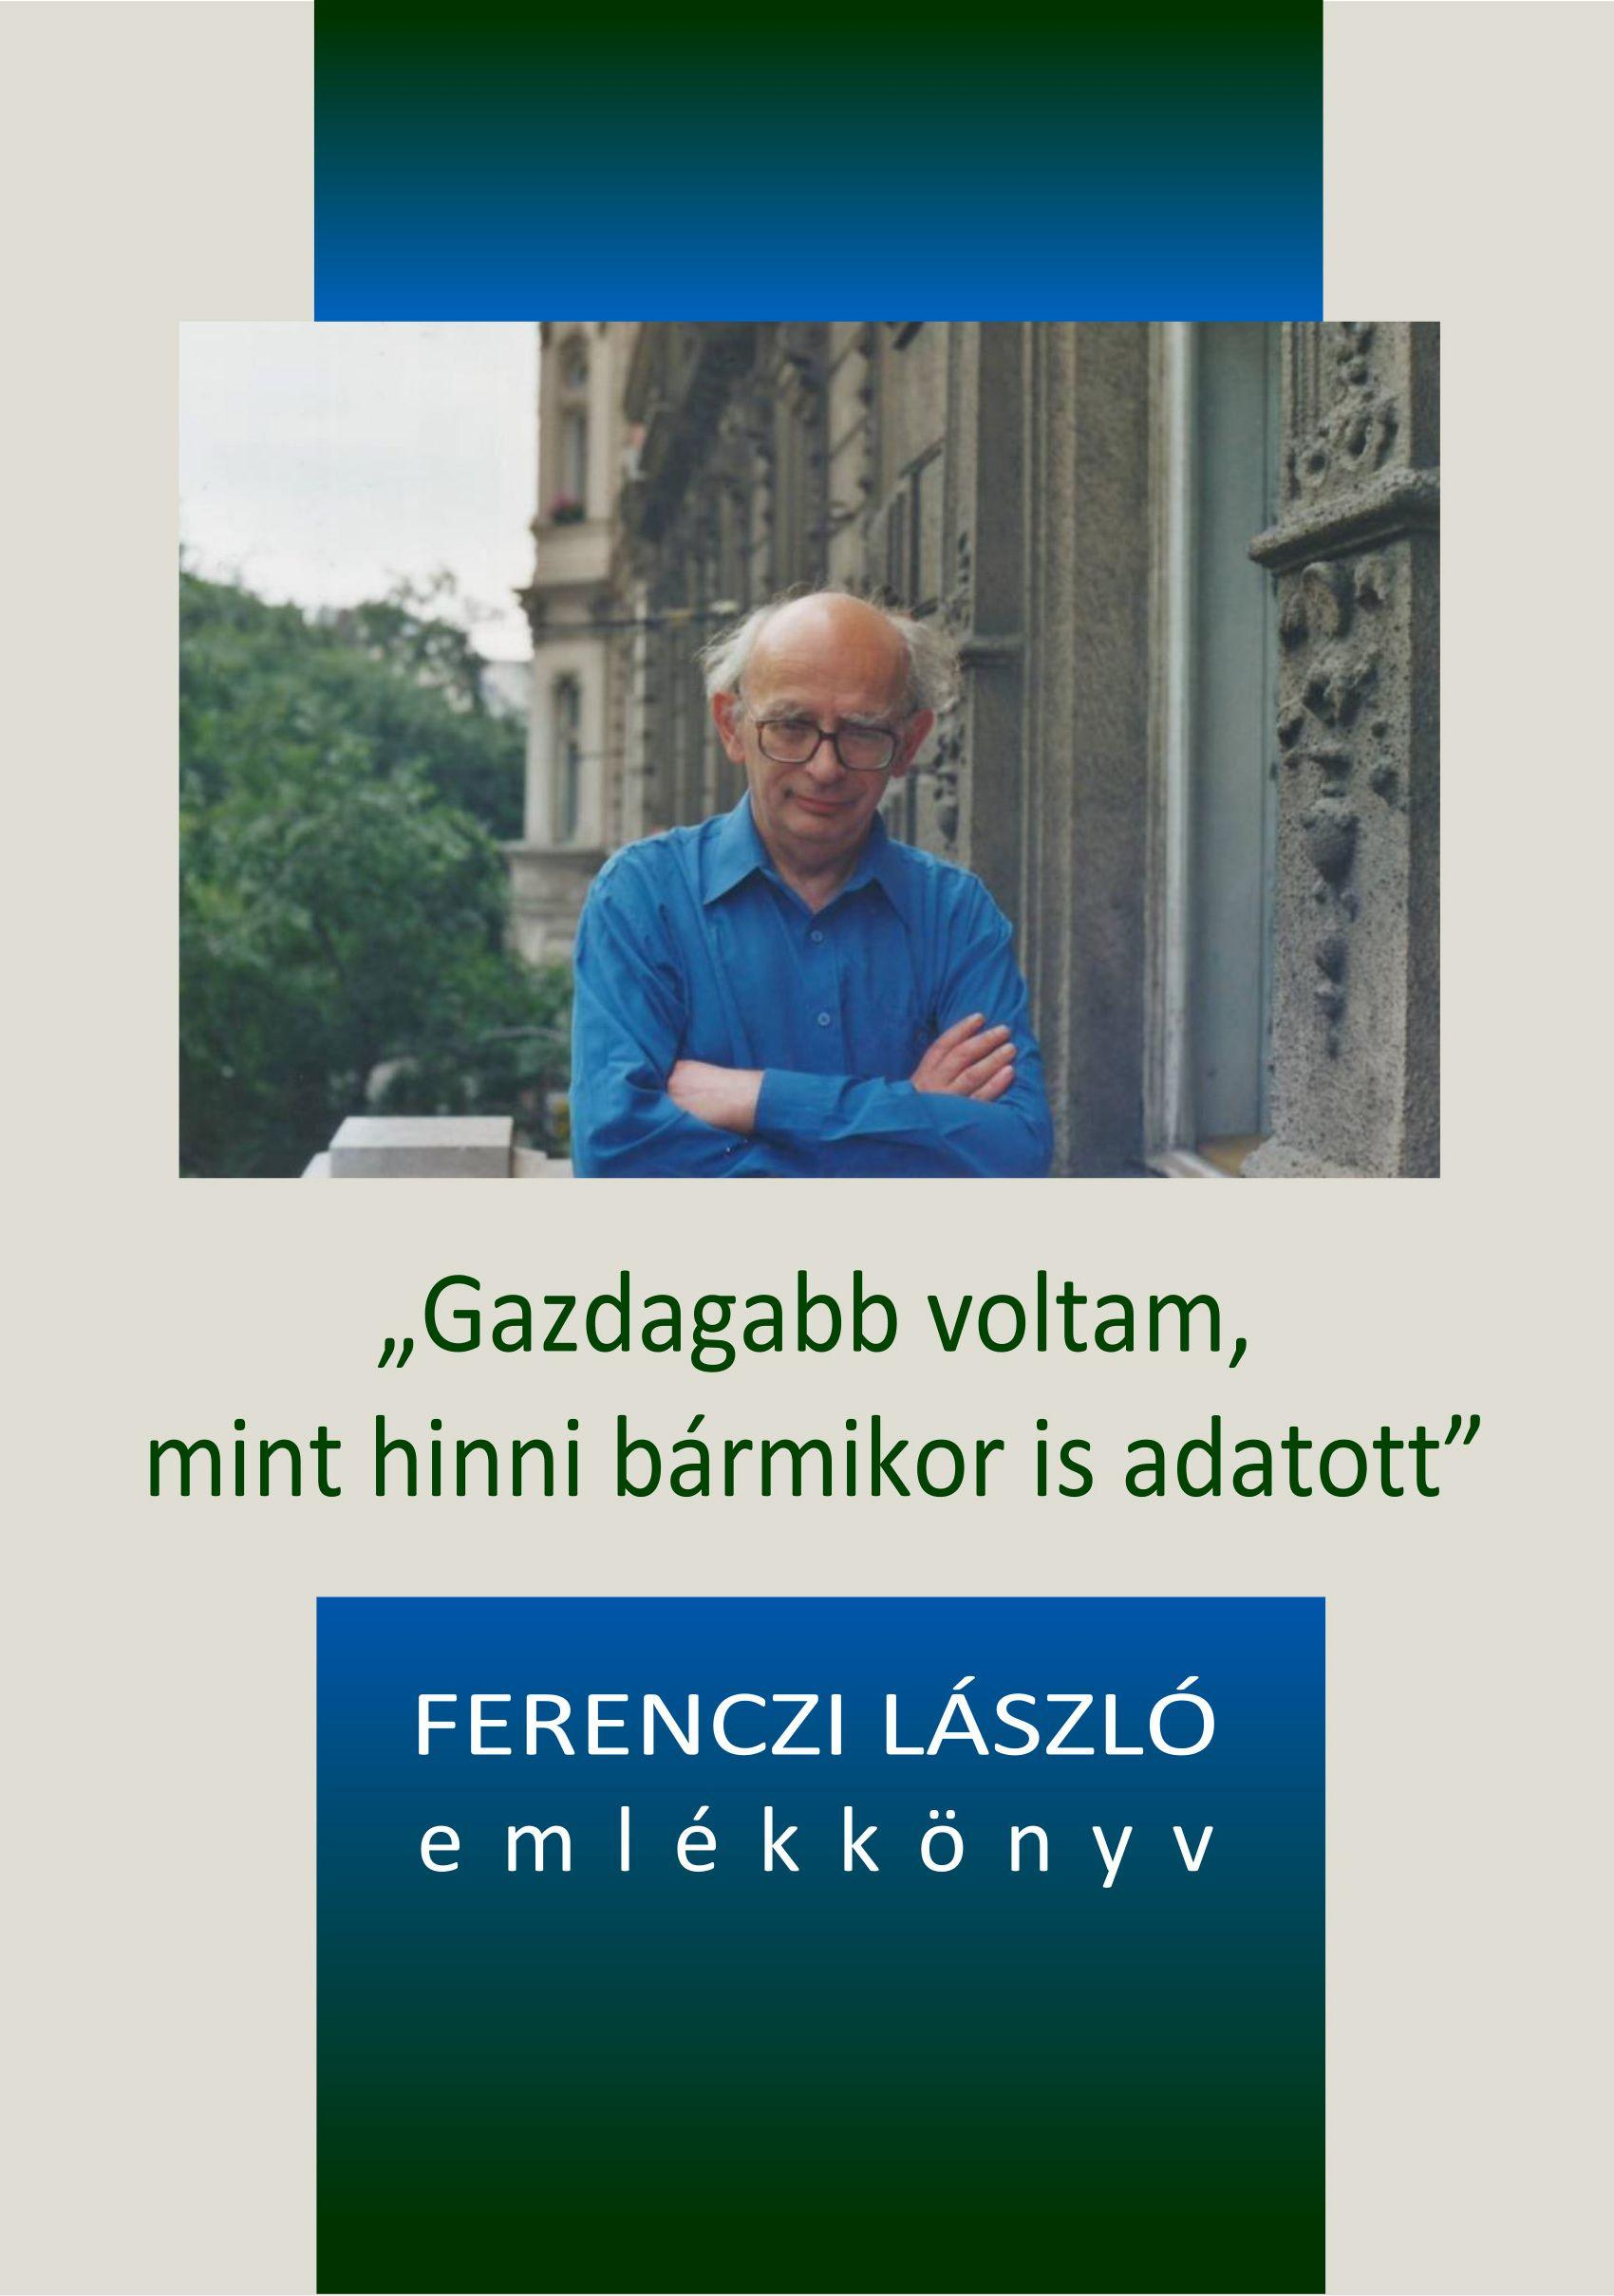 GAZDAGABB VOLTAM, MINT HINNI BÁRMIKOR IS ADATOTT - ÜKH 2018